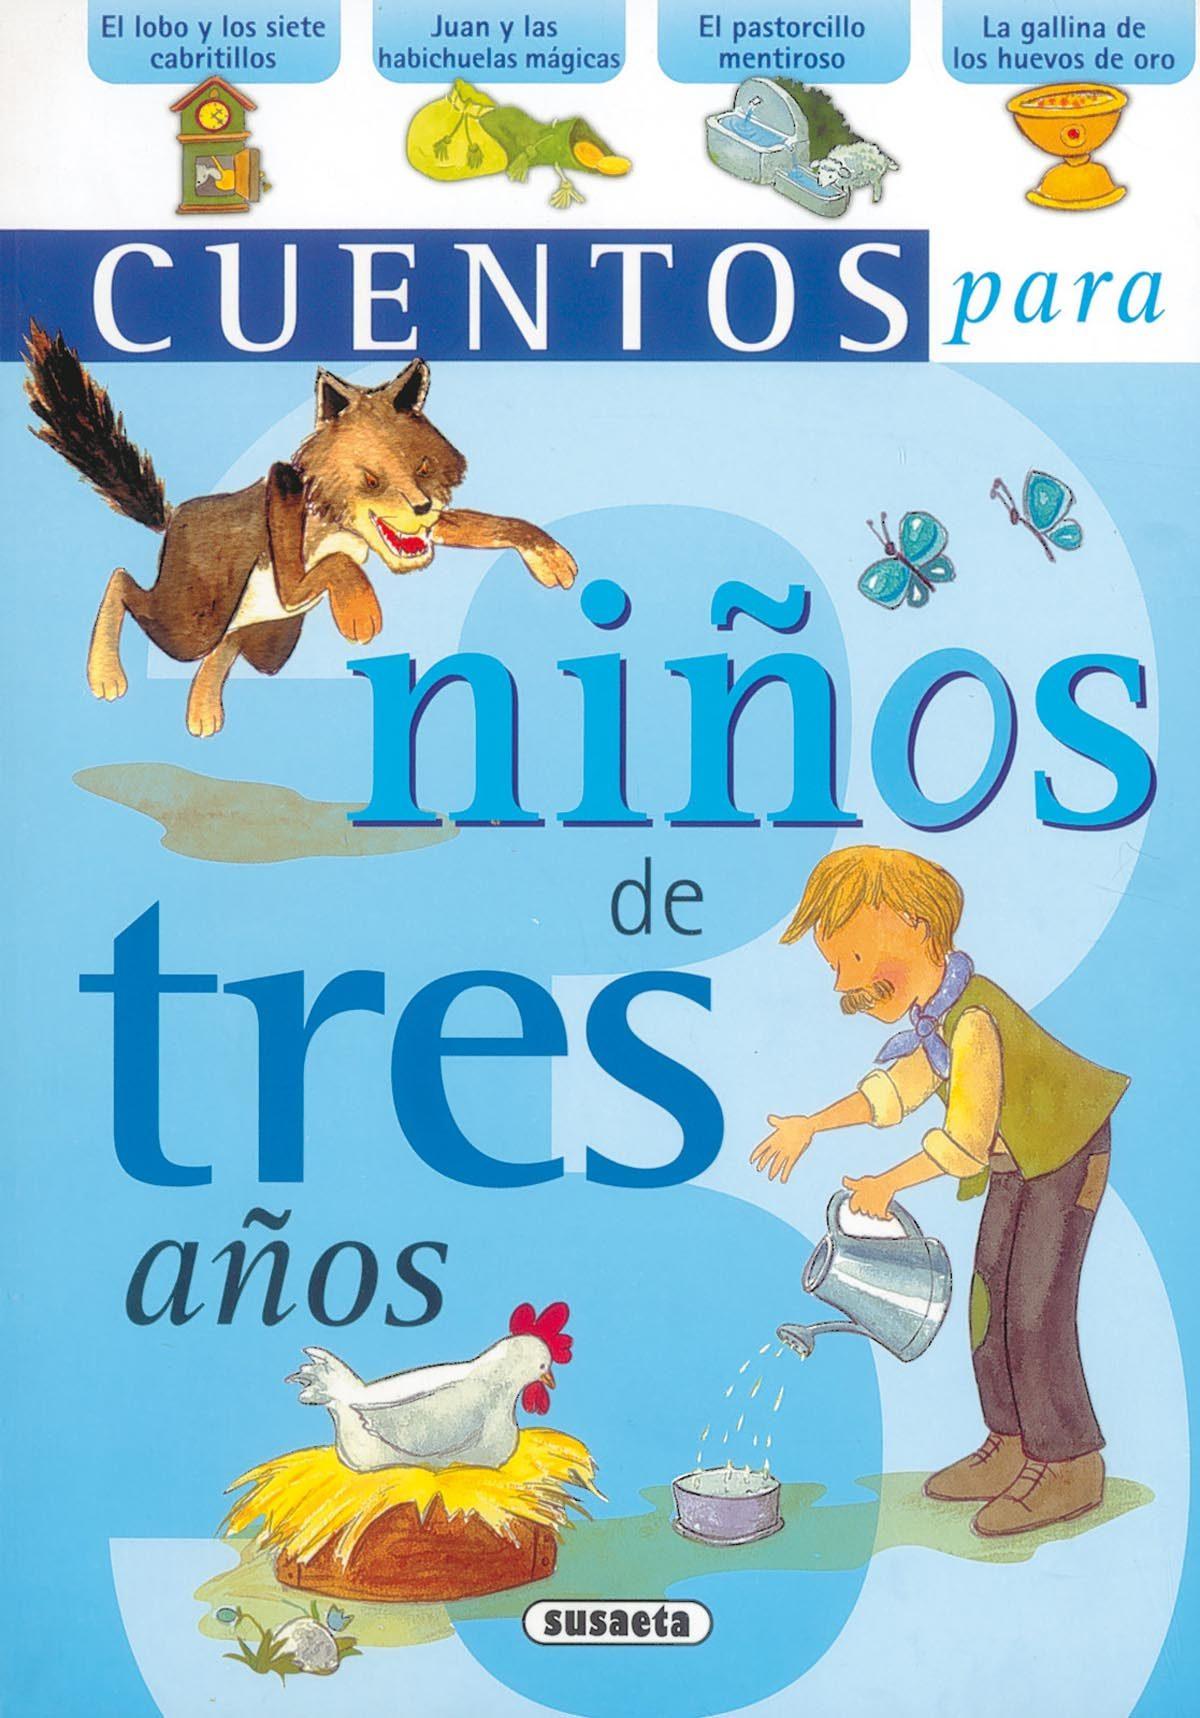 libros para ninos mentirosos